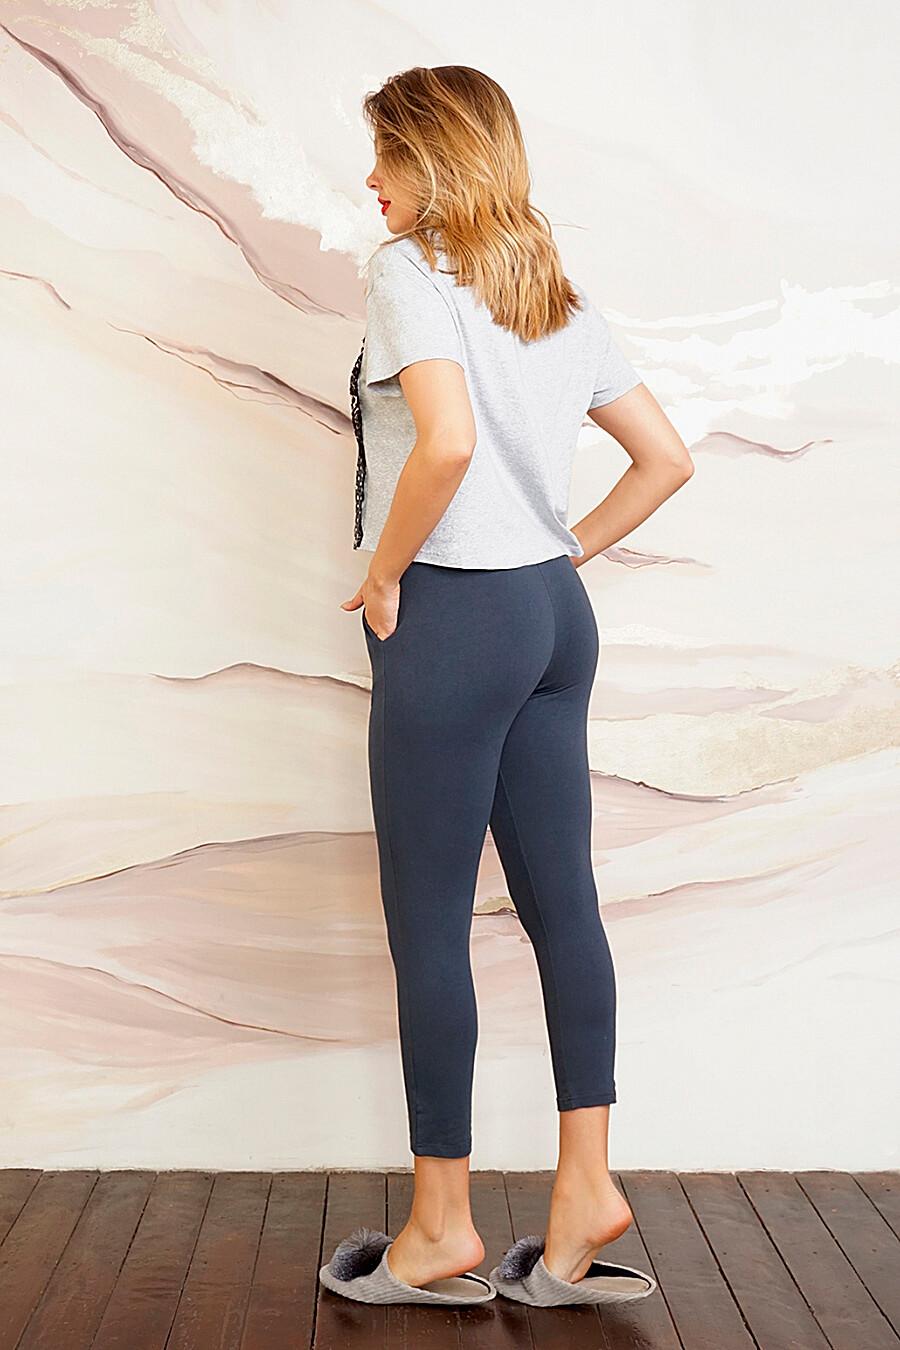 Пижама (Бриджи+Майка) для женщин INDEFINI 272374 купить оптом от производителя. Совместная покупка женской одежды в OptMoyo